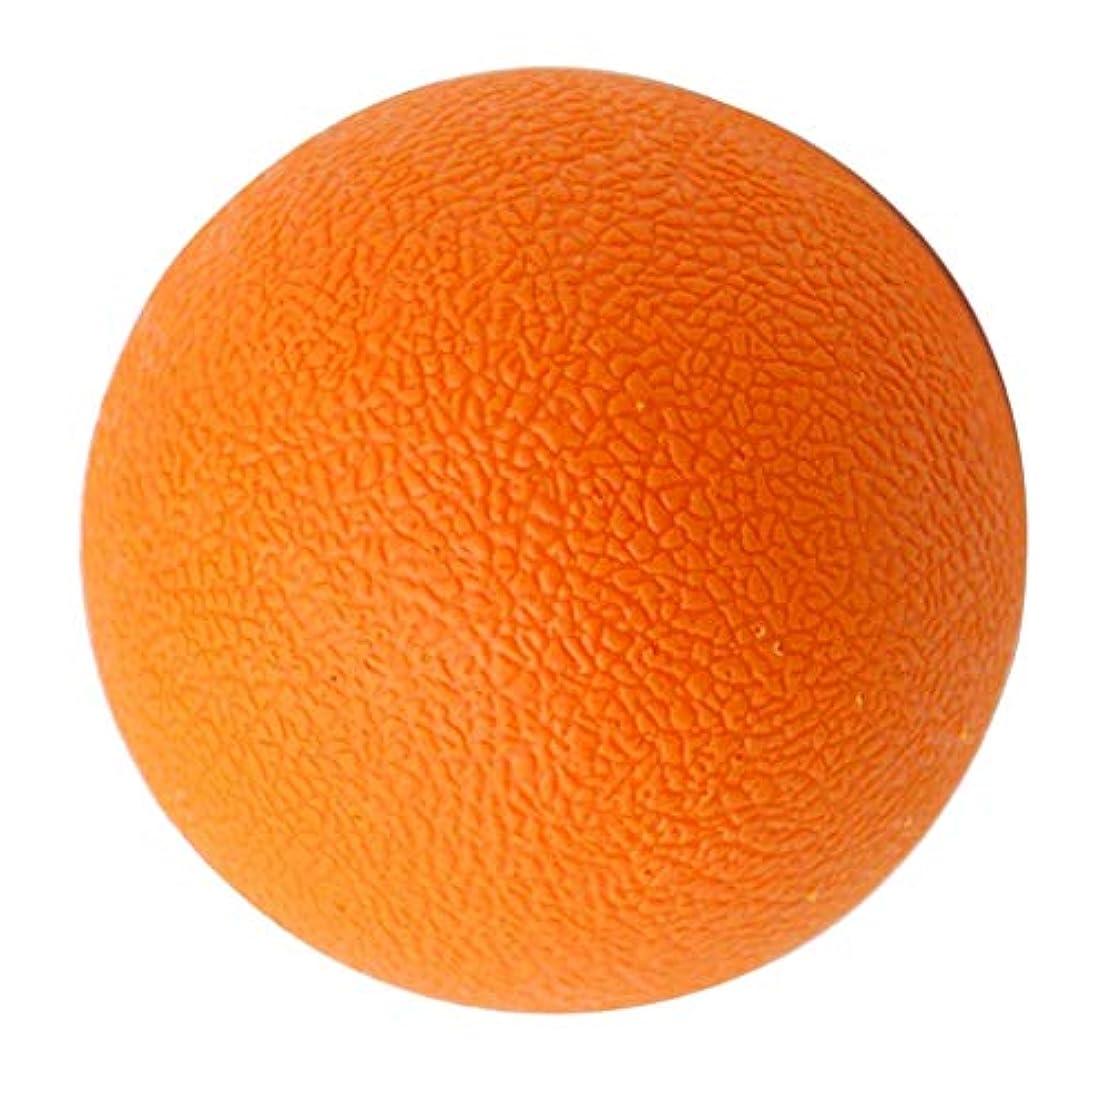 それぞれ中国実業家dailymall マッサージボール ラクロスボール ストレッチボール 筋膜リリース 背中 肩 腰トレーニング ツボ押し